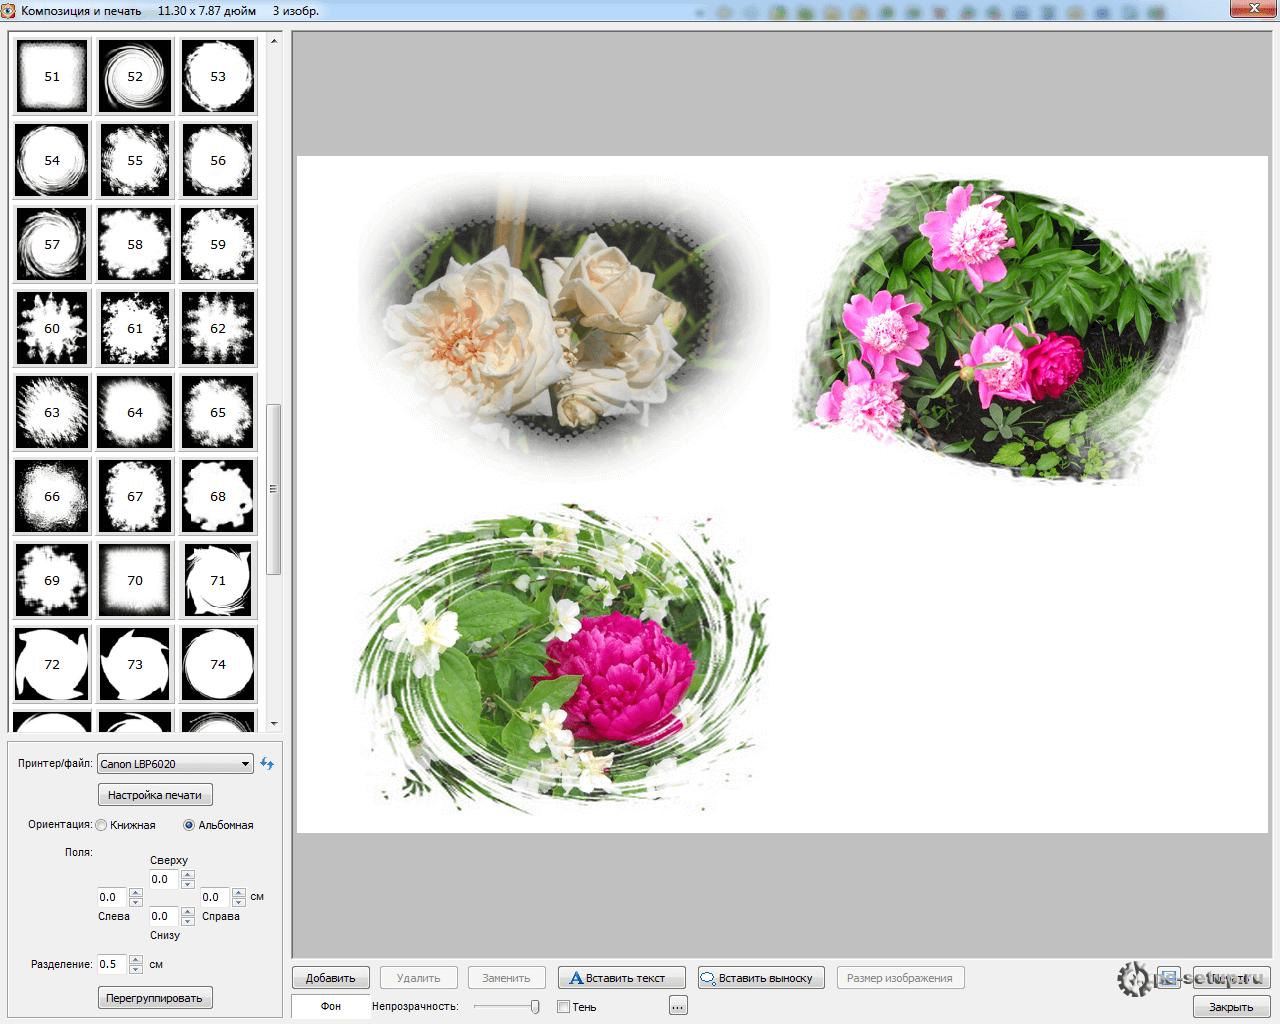 Faststone Image Viewer - композиция и печать